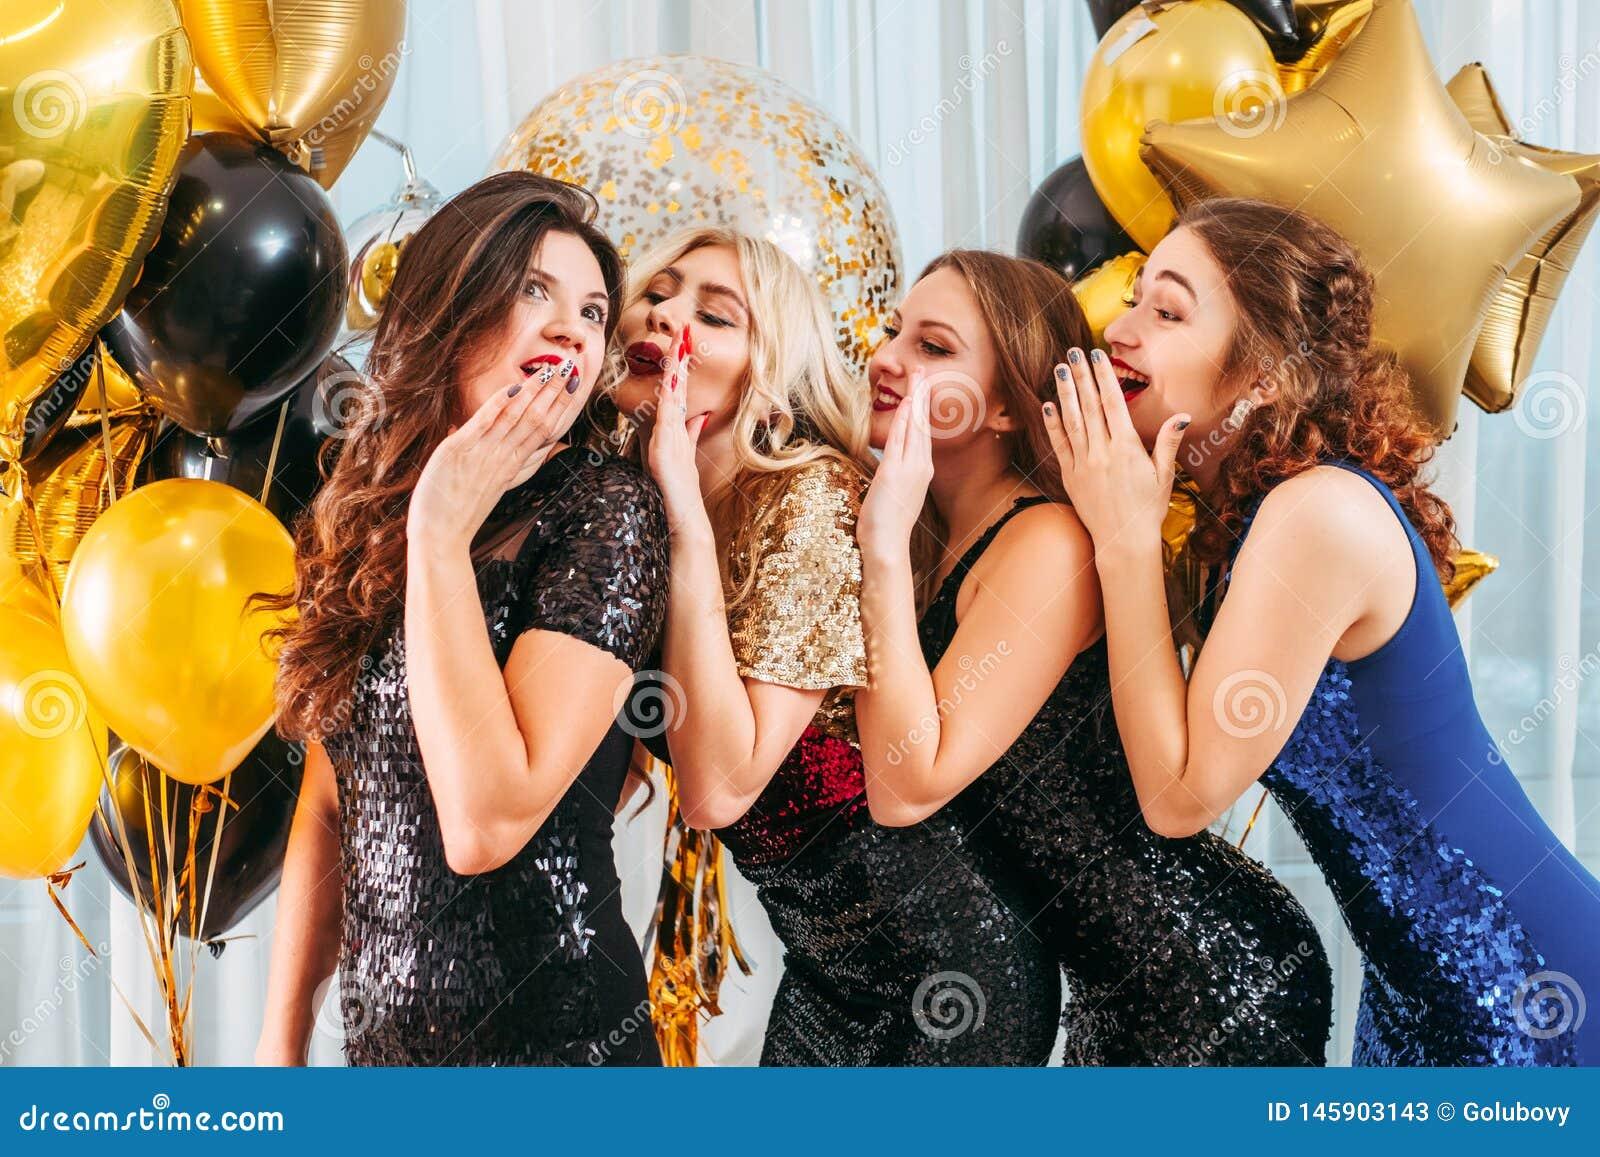 Heartfelt Women's Day Compliments! Free Happy Women's Day ... |Birthday Compliments Women